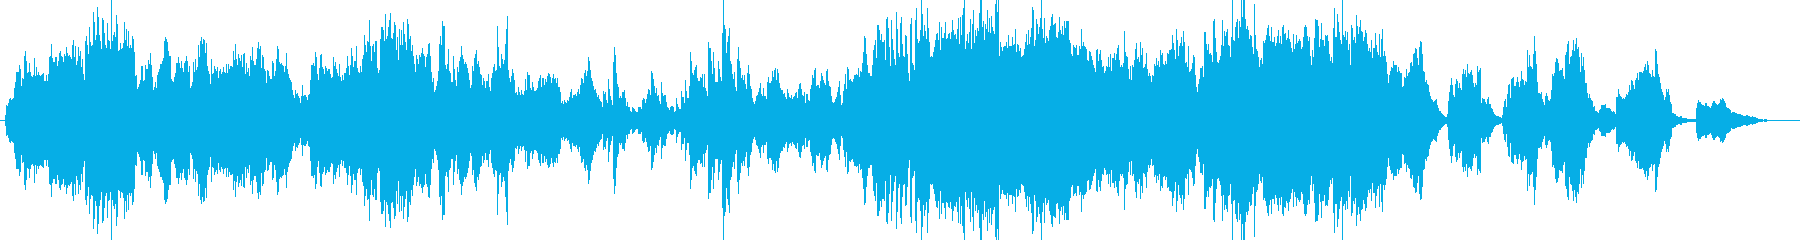 朝ドラ 爽やか クラシカル BGMの再生済みの波形